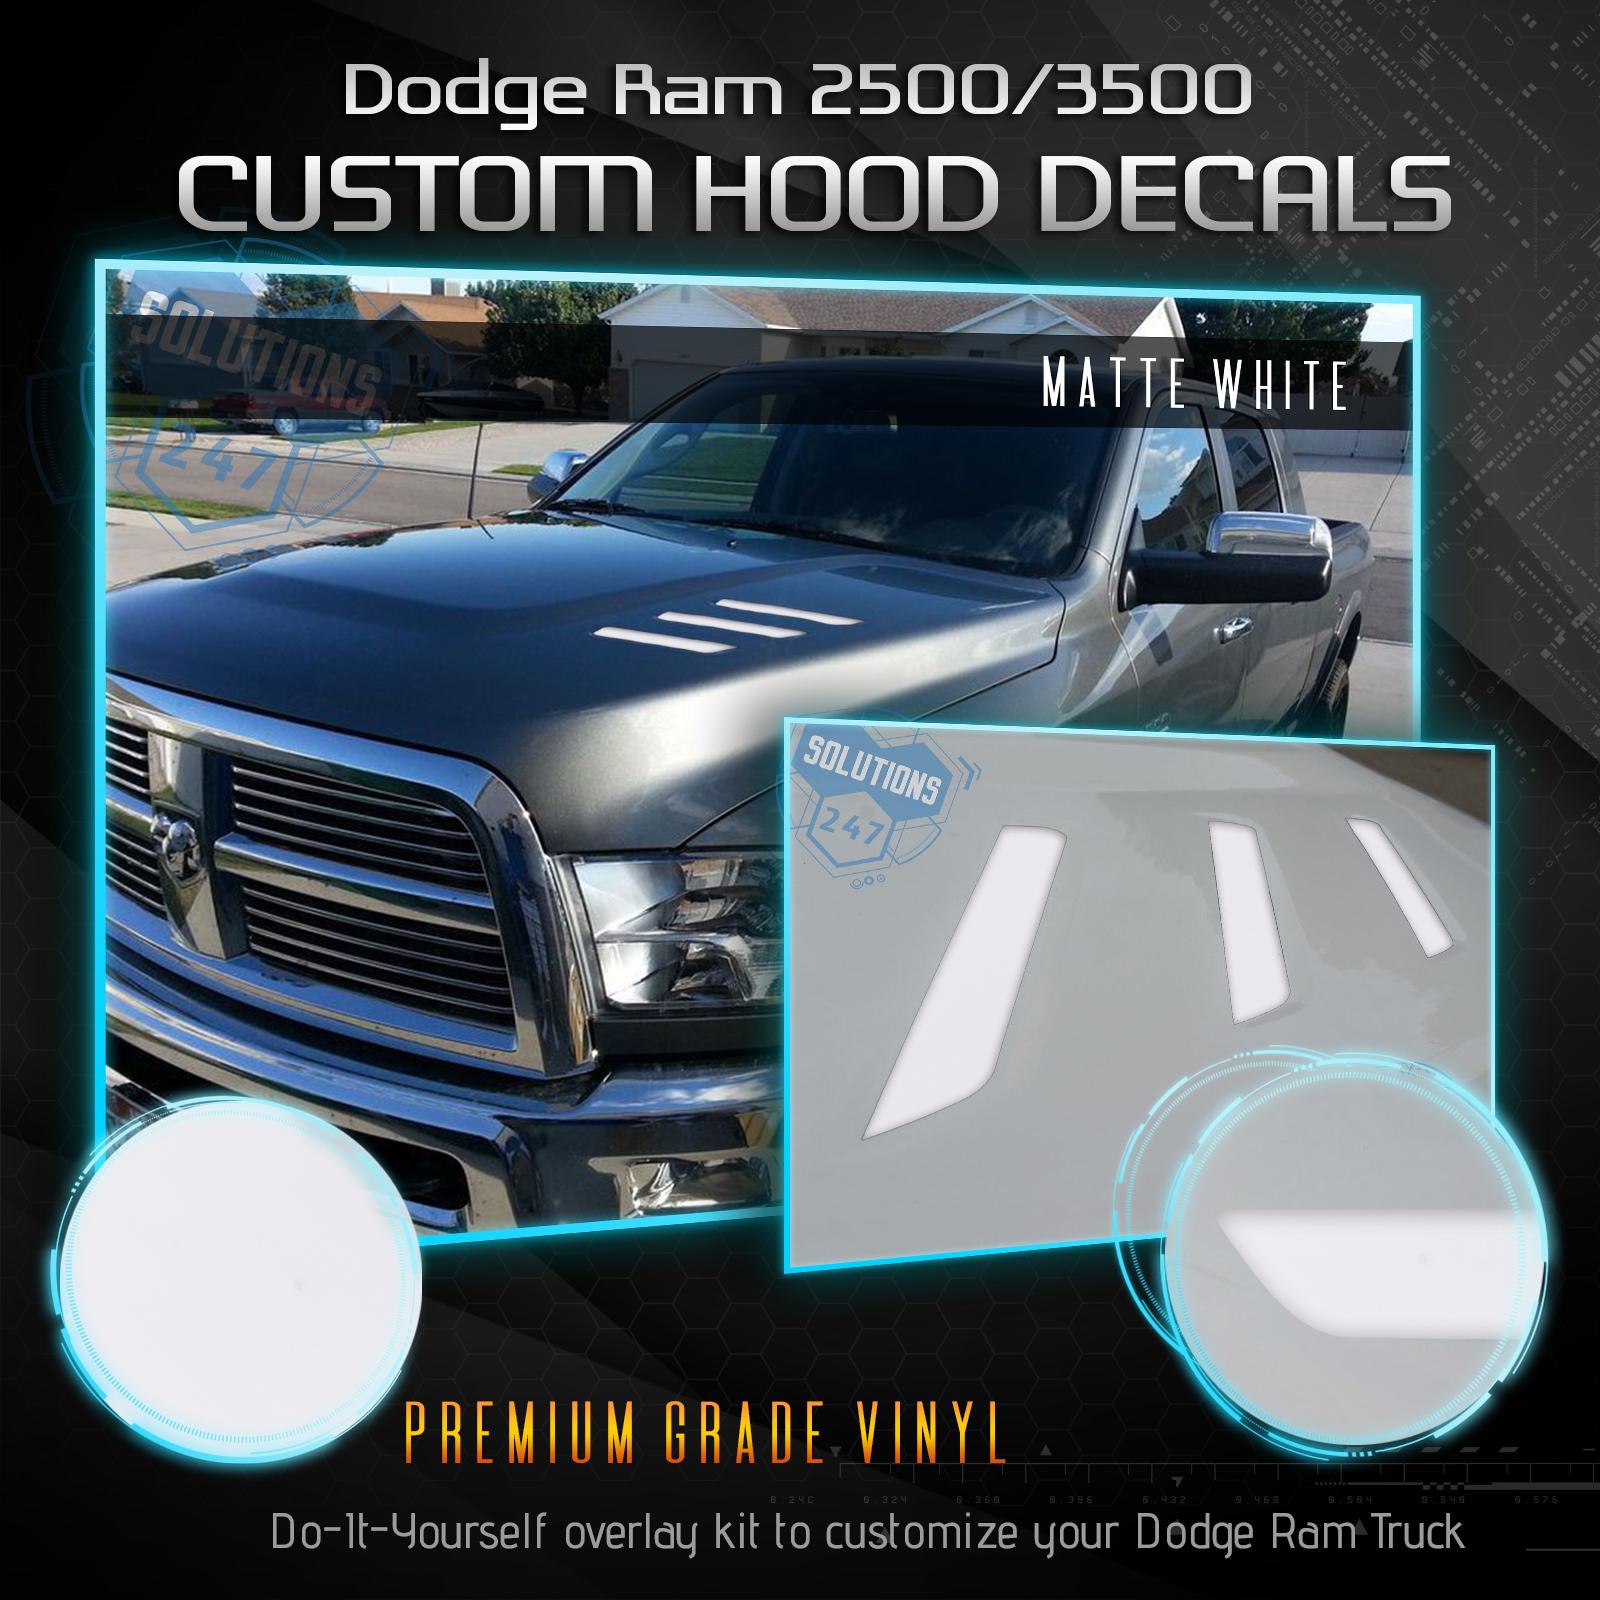 2010 2019 Dodge Ram 2500 3500 Hd Hood Vent Decals 6 7l Turbo Diesel Package 2